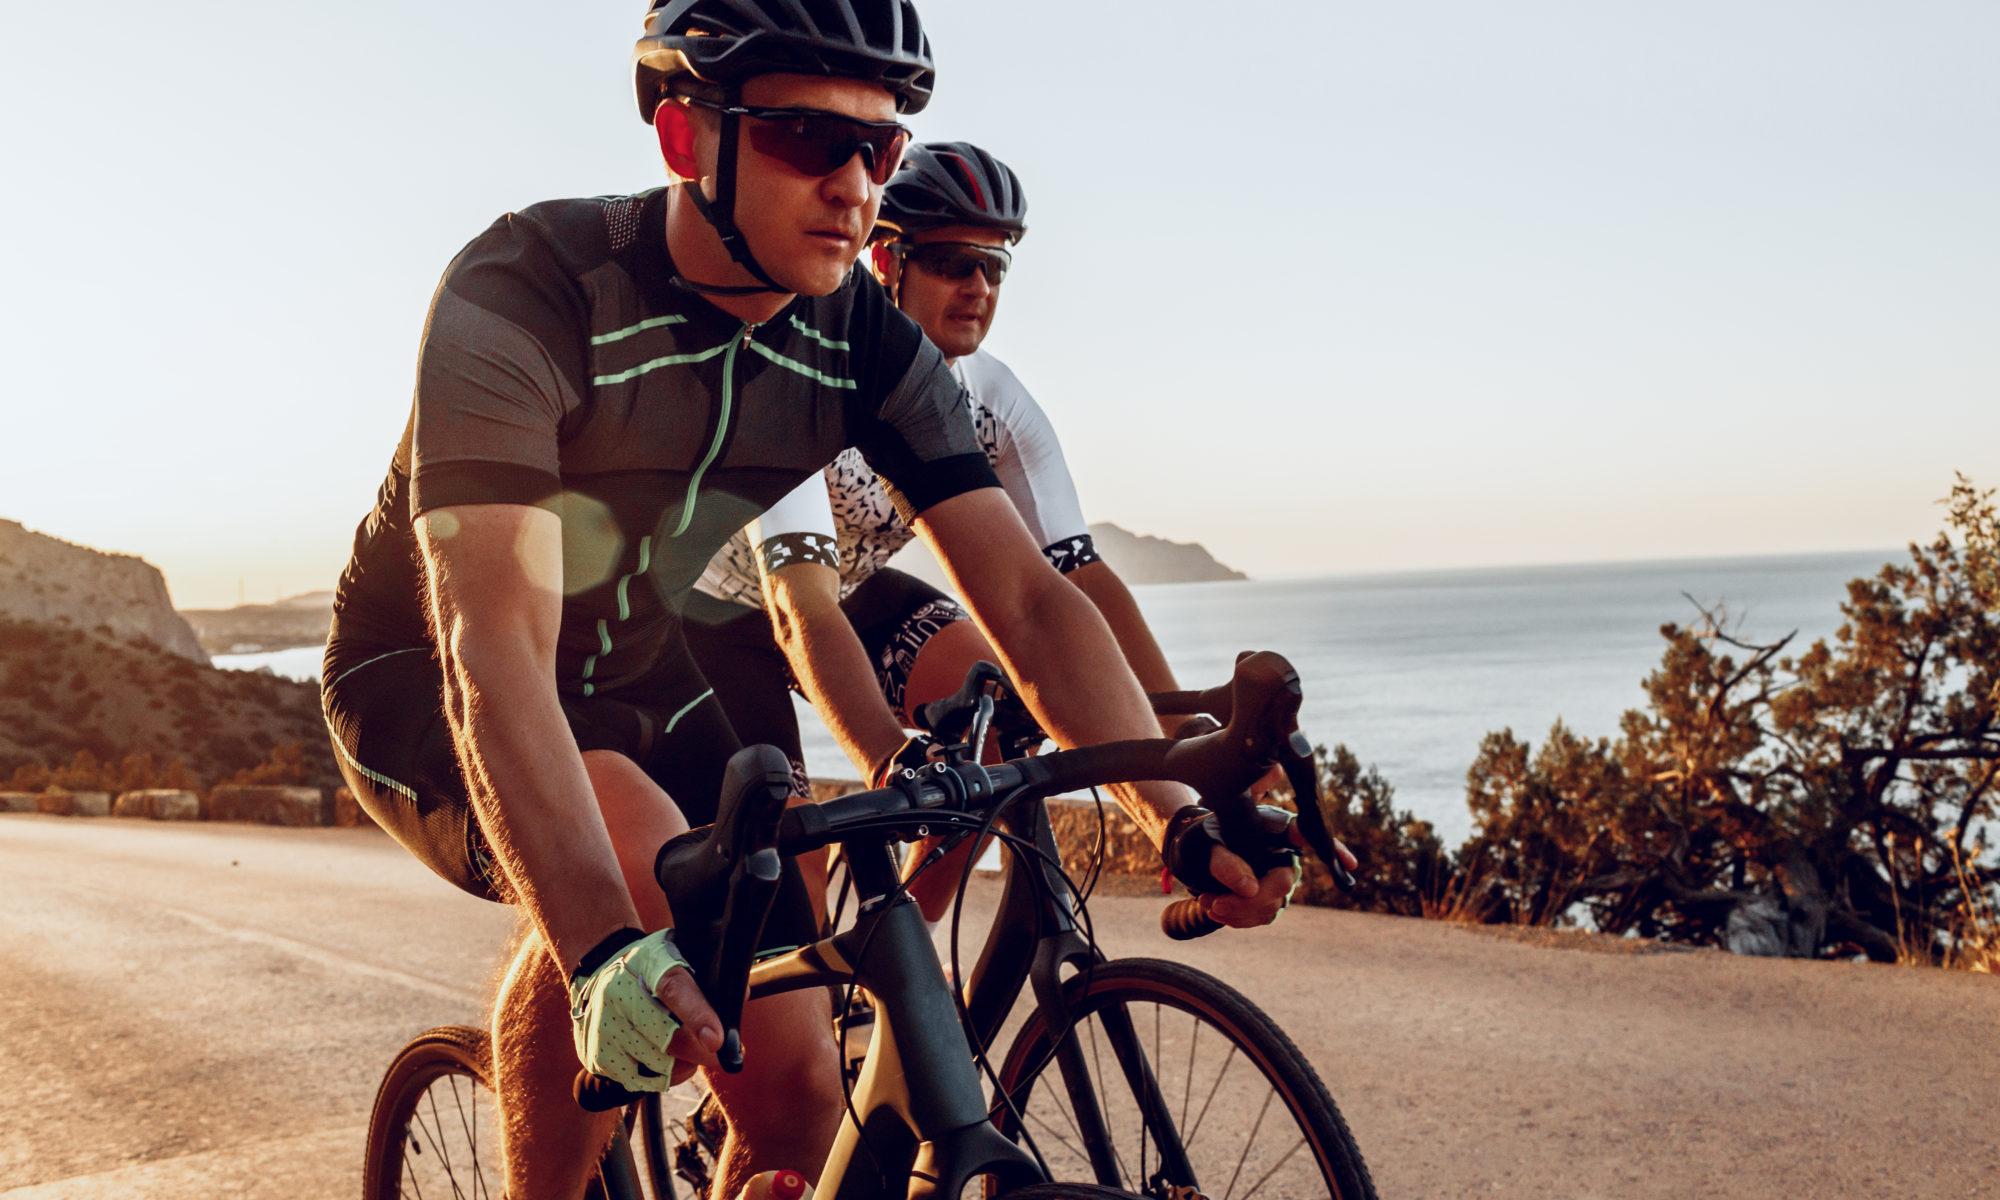 dwaj mężczyźni na rowerach